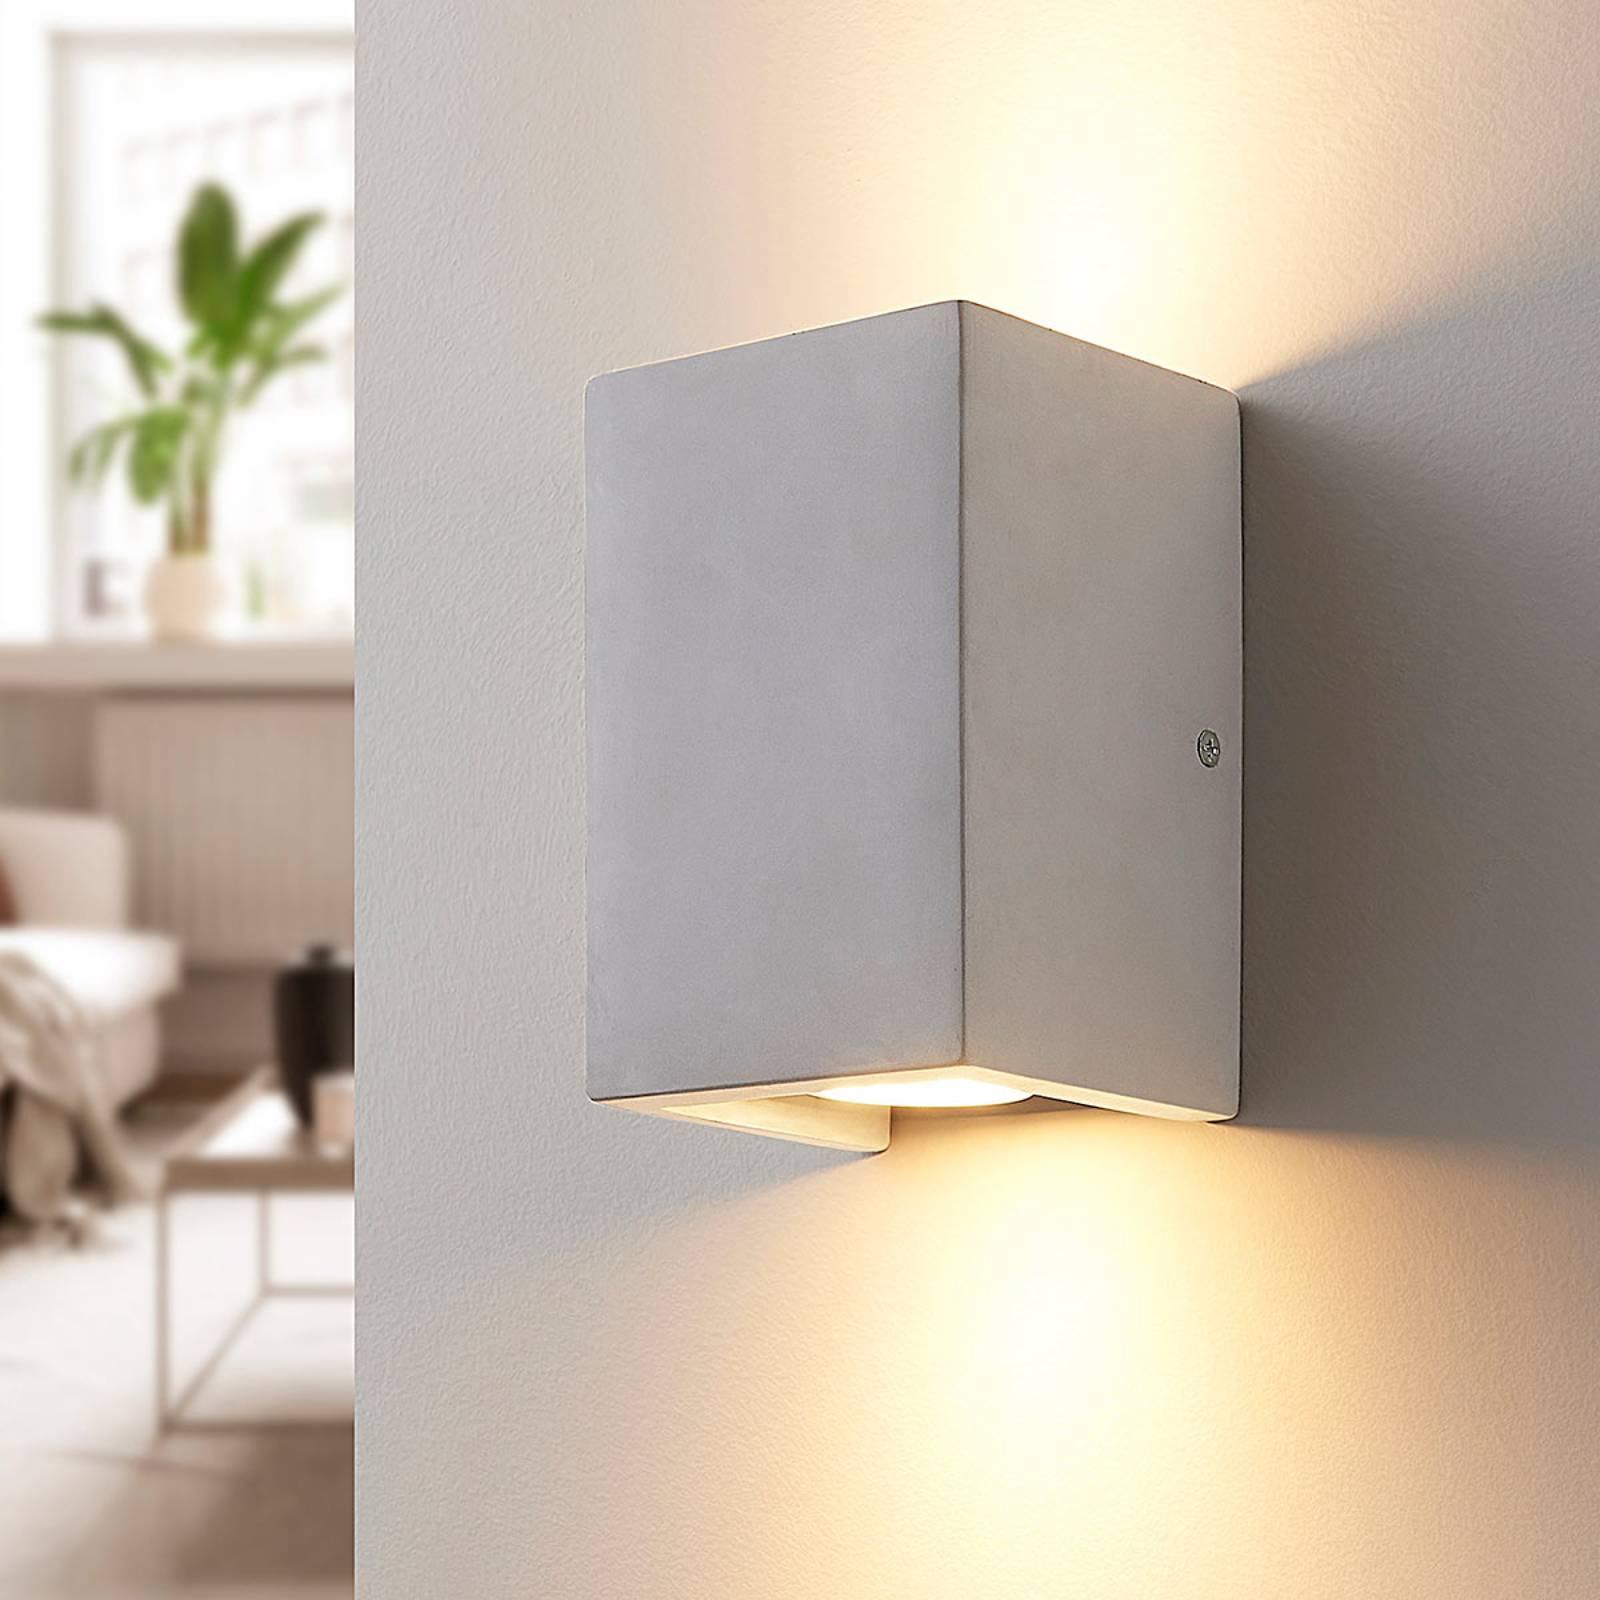 Industrielook Flurlampen Deckenlampe aus grauem Beton Spots schwenkbar 2x GU10